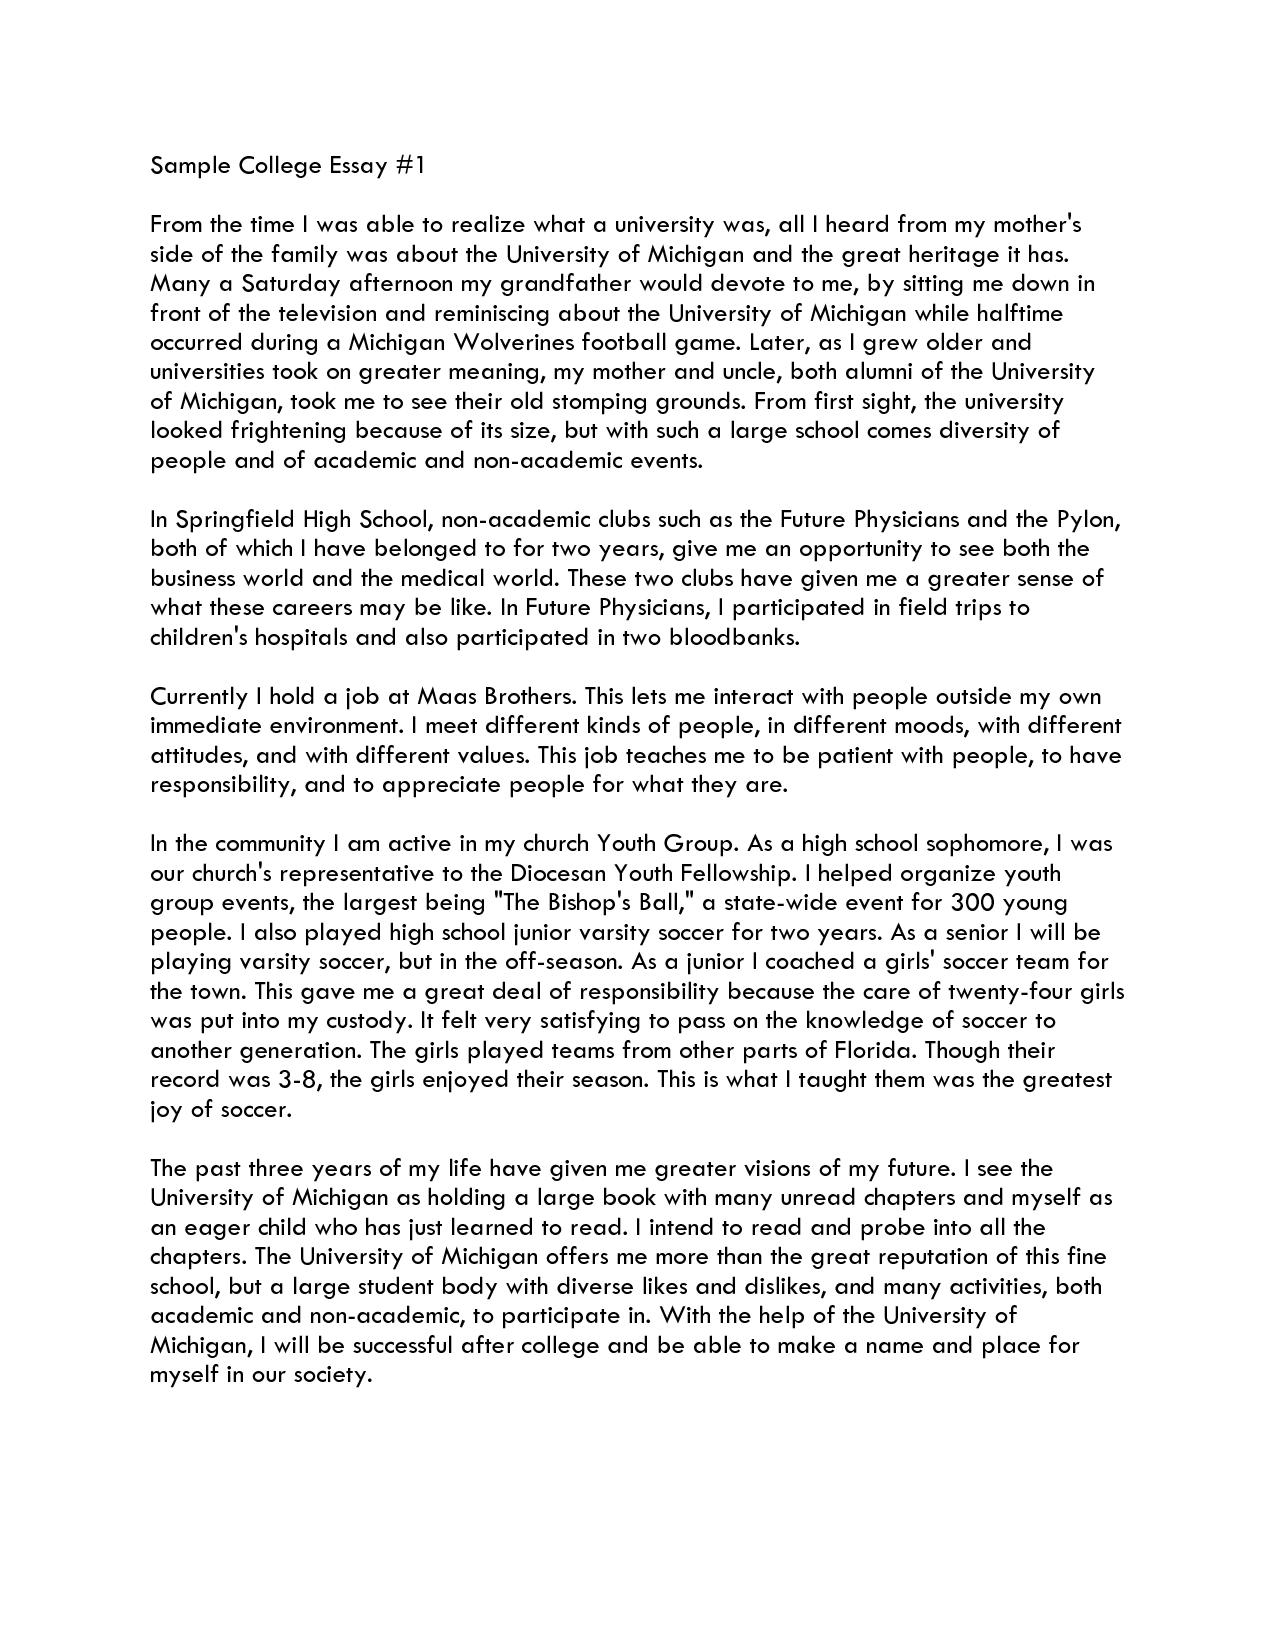 008 Sei7qjtc4a Persuasive Essay Example Excellent College Level Full